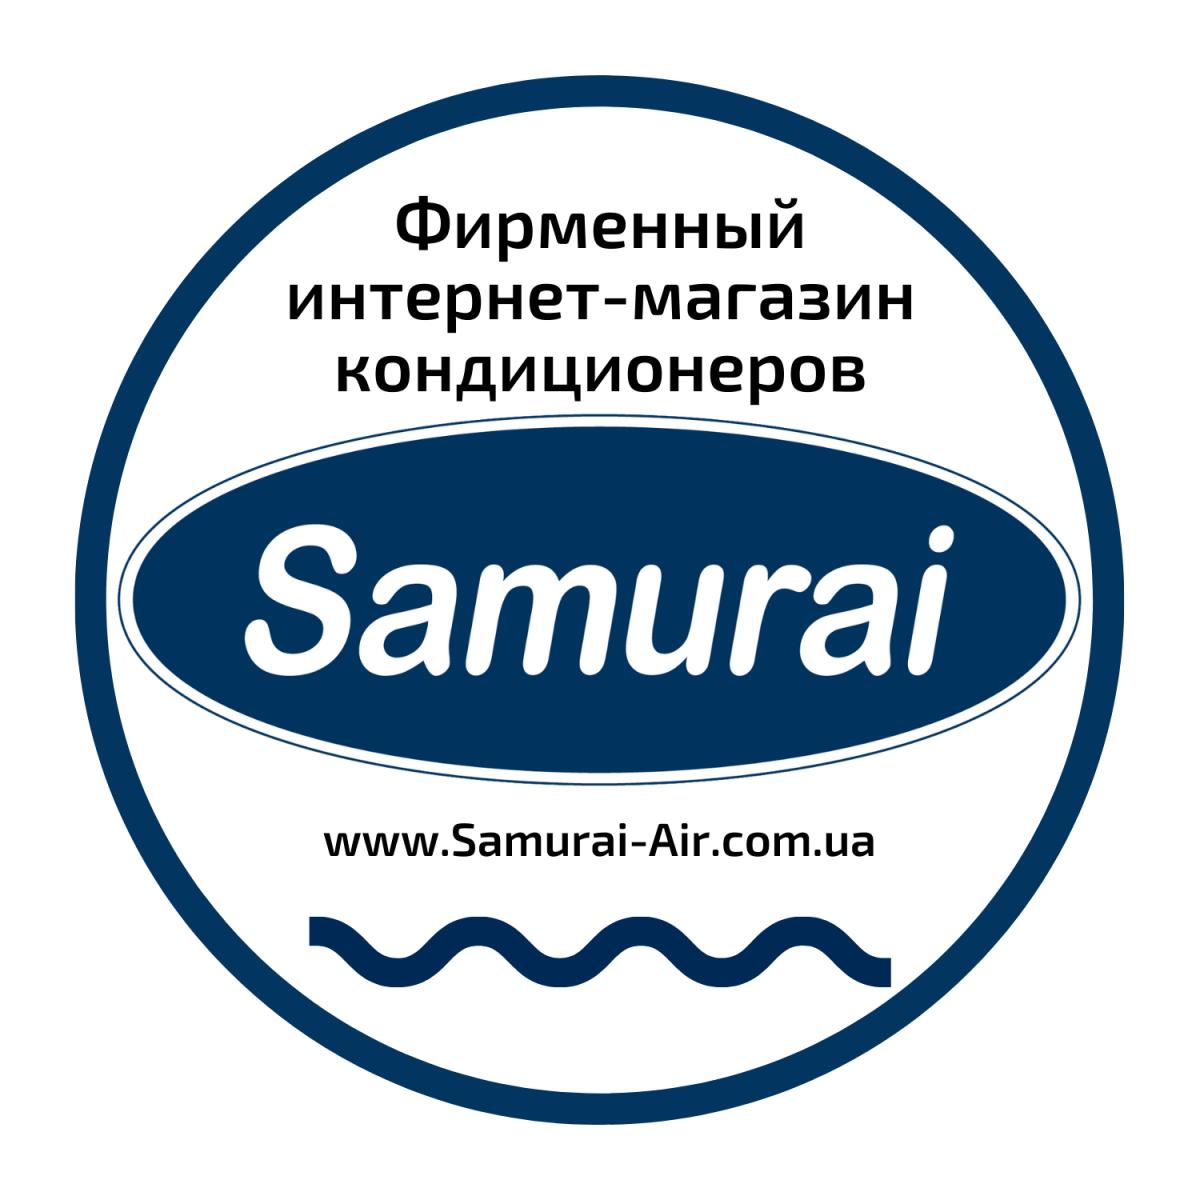 Кондиционеры Самурай - фирменный магазин Samurai - купить в Украине